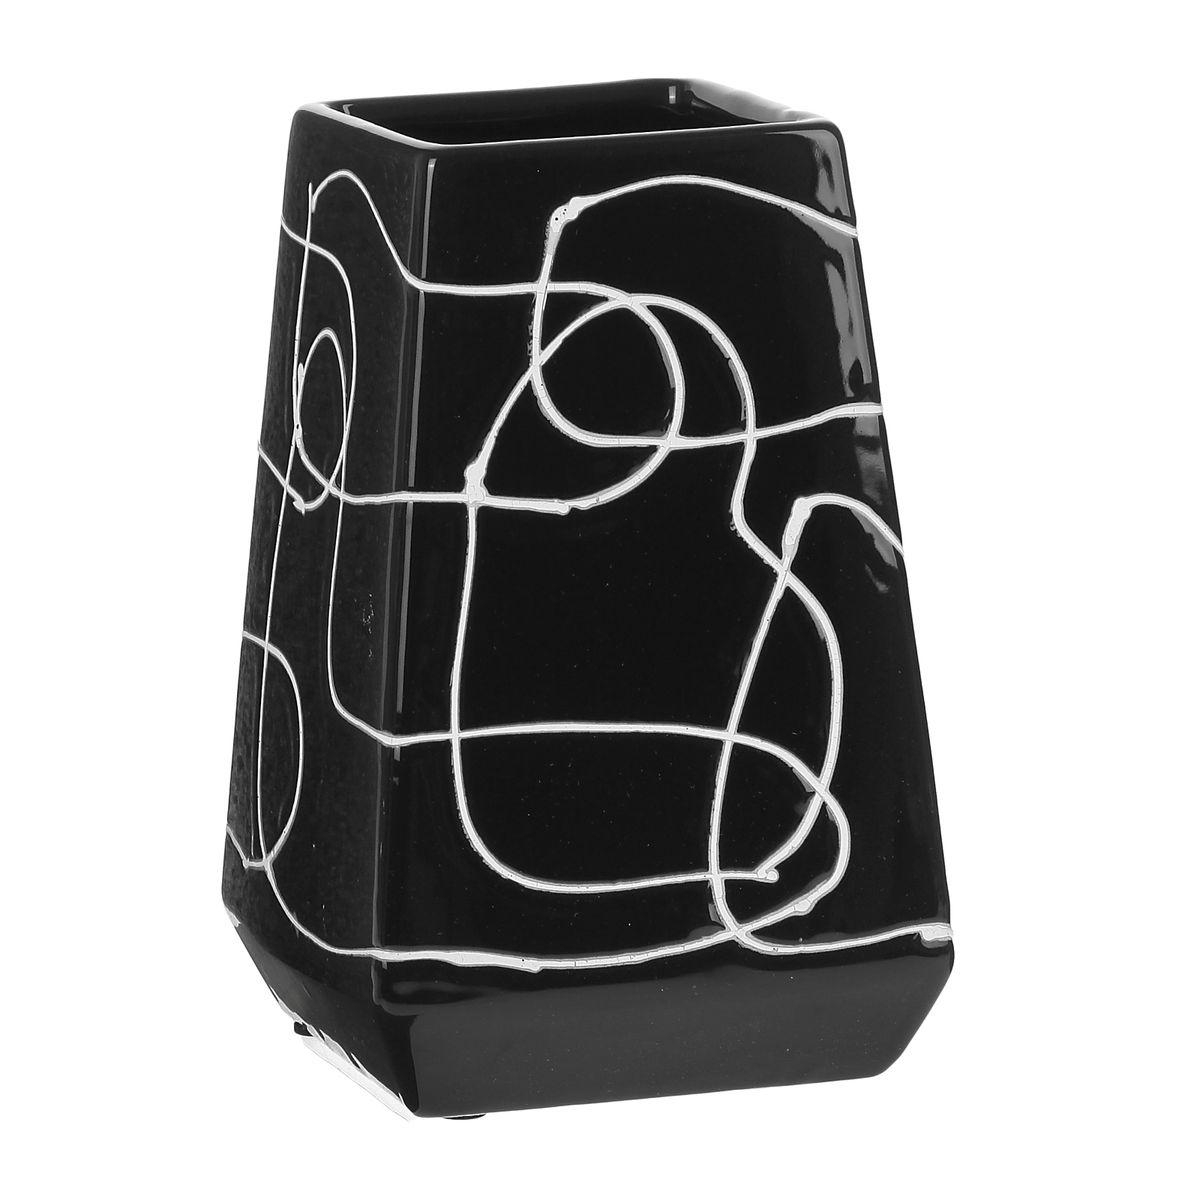 Ваза Sima-land Полоски, высота 16 см863616Ваза Sima-land Полоски изготовлена из высококачественной керамики.Строгая форма и стильная хаотичность волнообразного декора не позволят интерьеру бытьскучным. Аксессуар с расширенным горлышком вместит в себя достаточно пышный букет.Болеетого, в вазе с интересной текстурой превосходно будут смотреться декоративные веточки исухоцветы.Любое помещение выглядит незавершенным без правильно расположенных предметовинтерьера. Они помогают создать уют, расставить акценты, подчеркнуть достоинства или скрытьнедостатки.